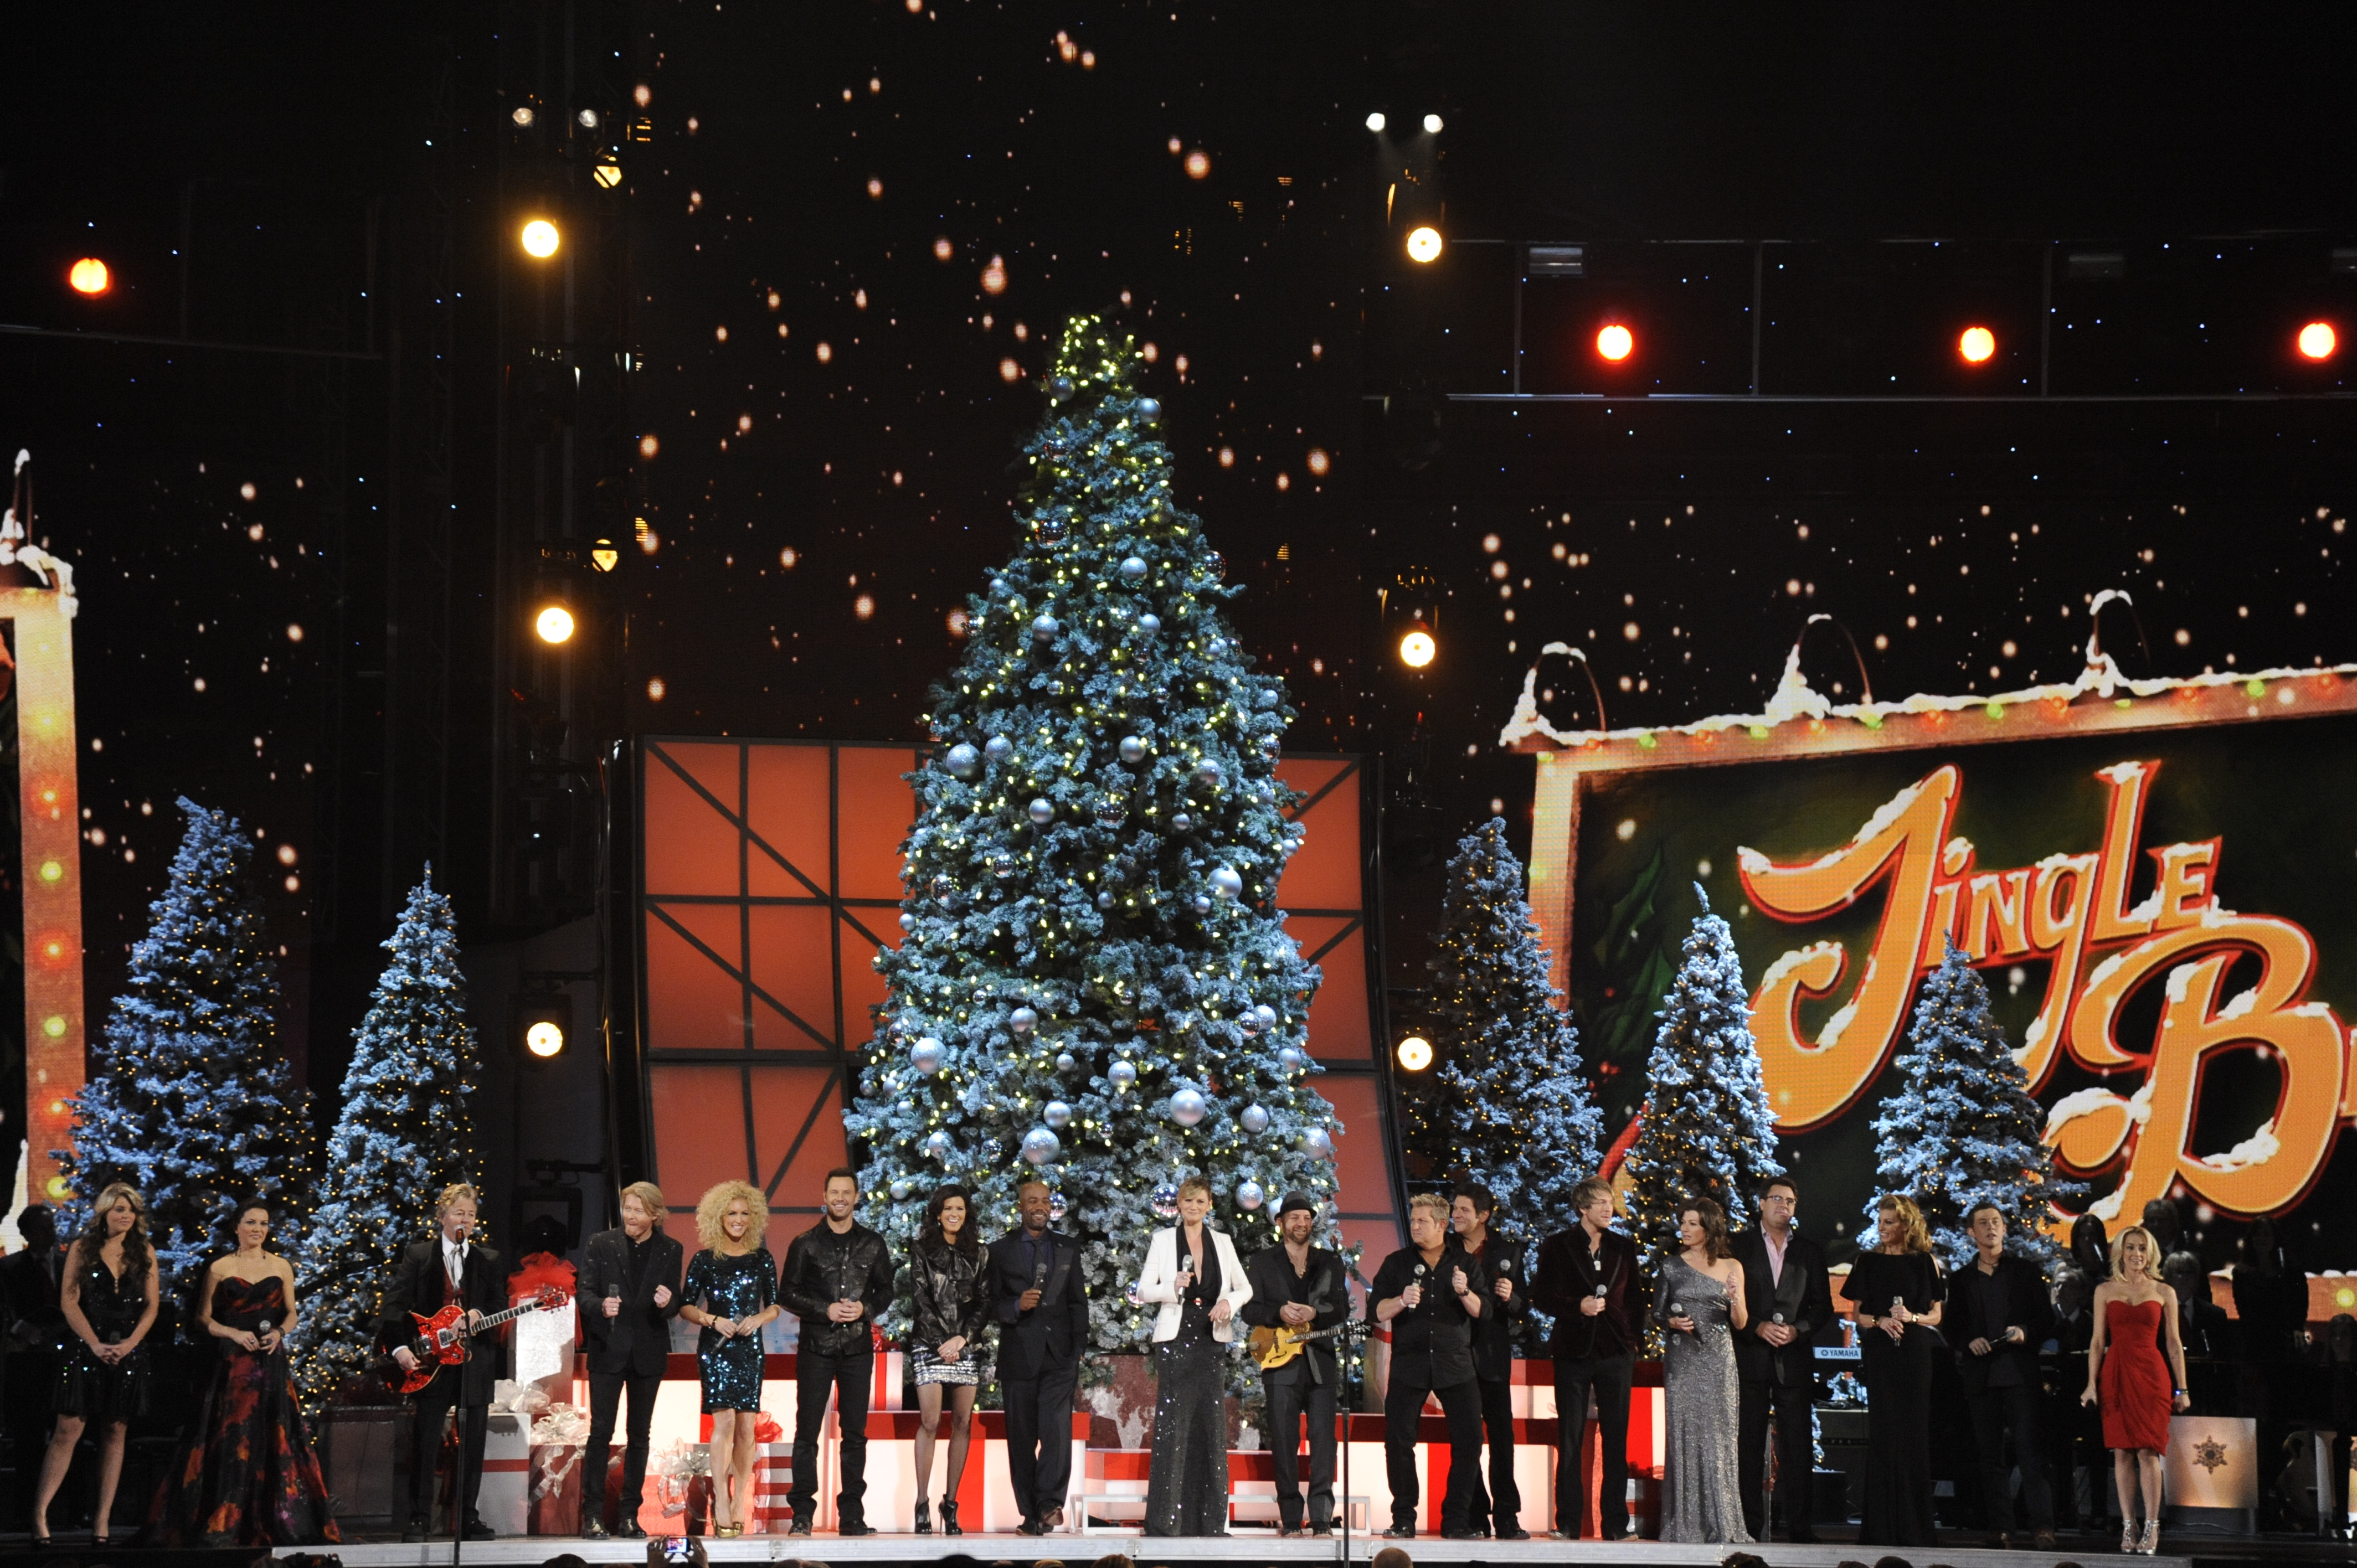 cma country christmas cast 2011 countrymusicislove sounds like nashville ca sounds like nashville ca - A Country Christmas Cast